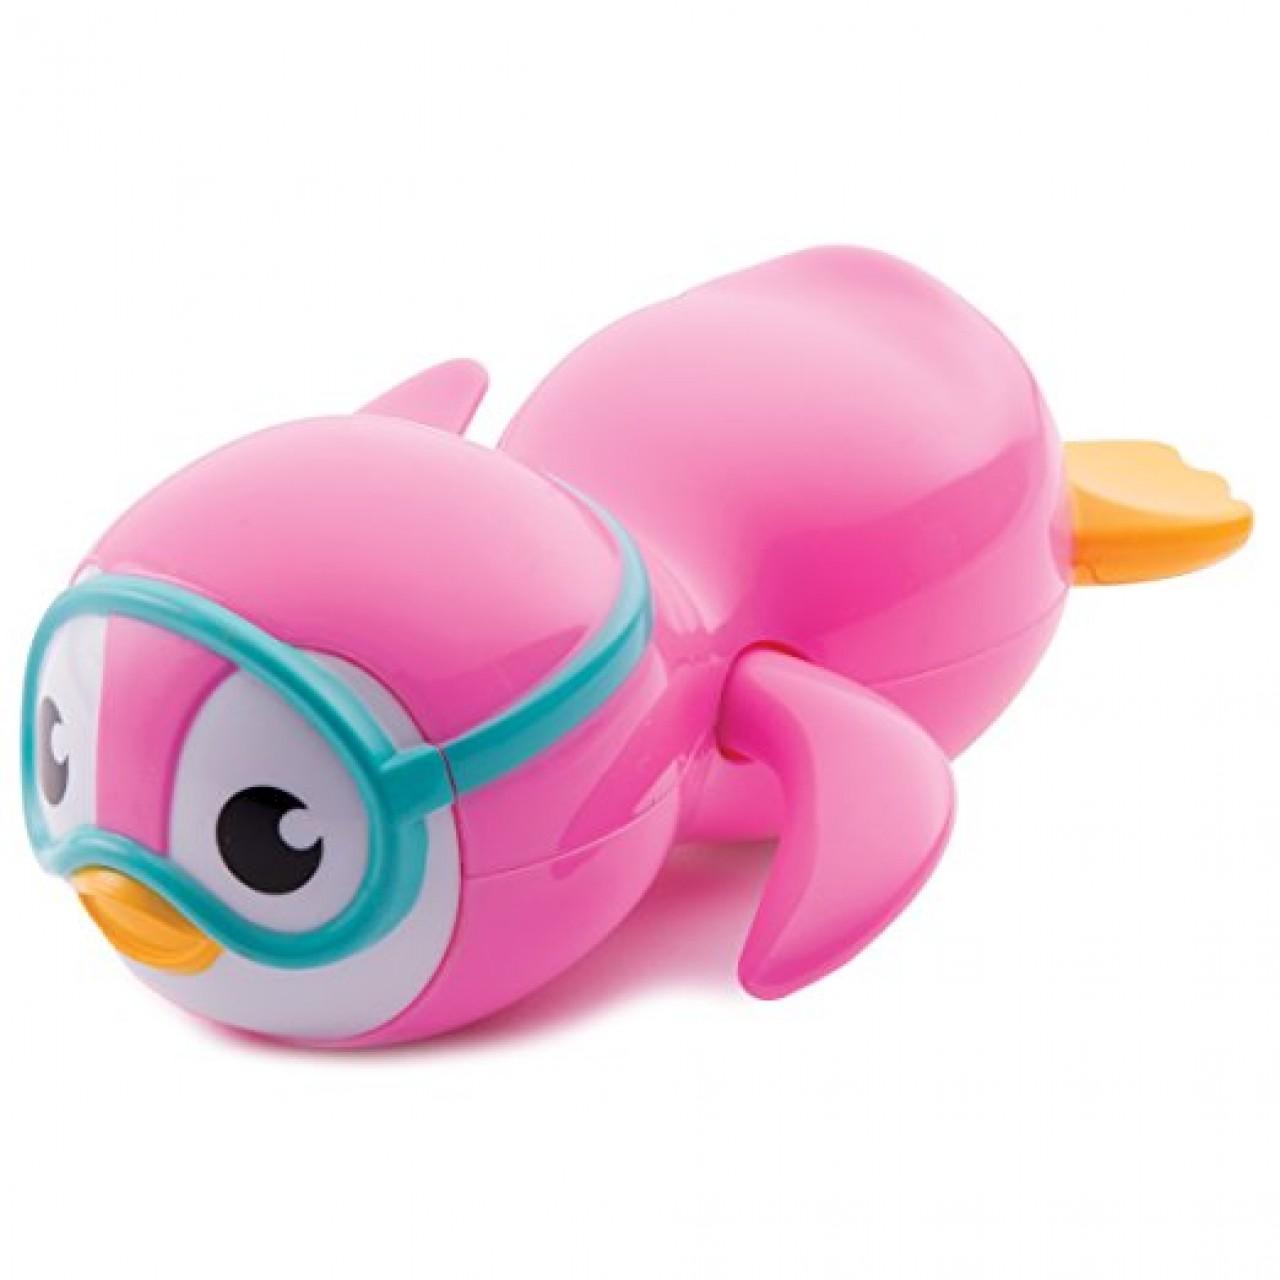 Игрушка для ванной от Munchkin - Пингвин пловец (розовый)